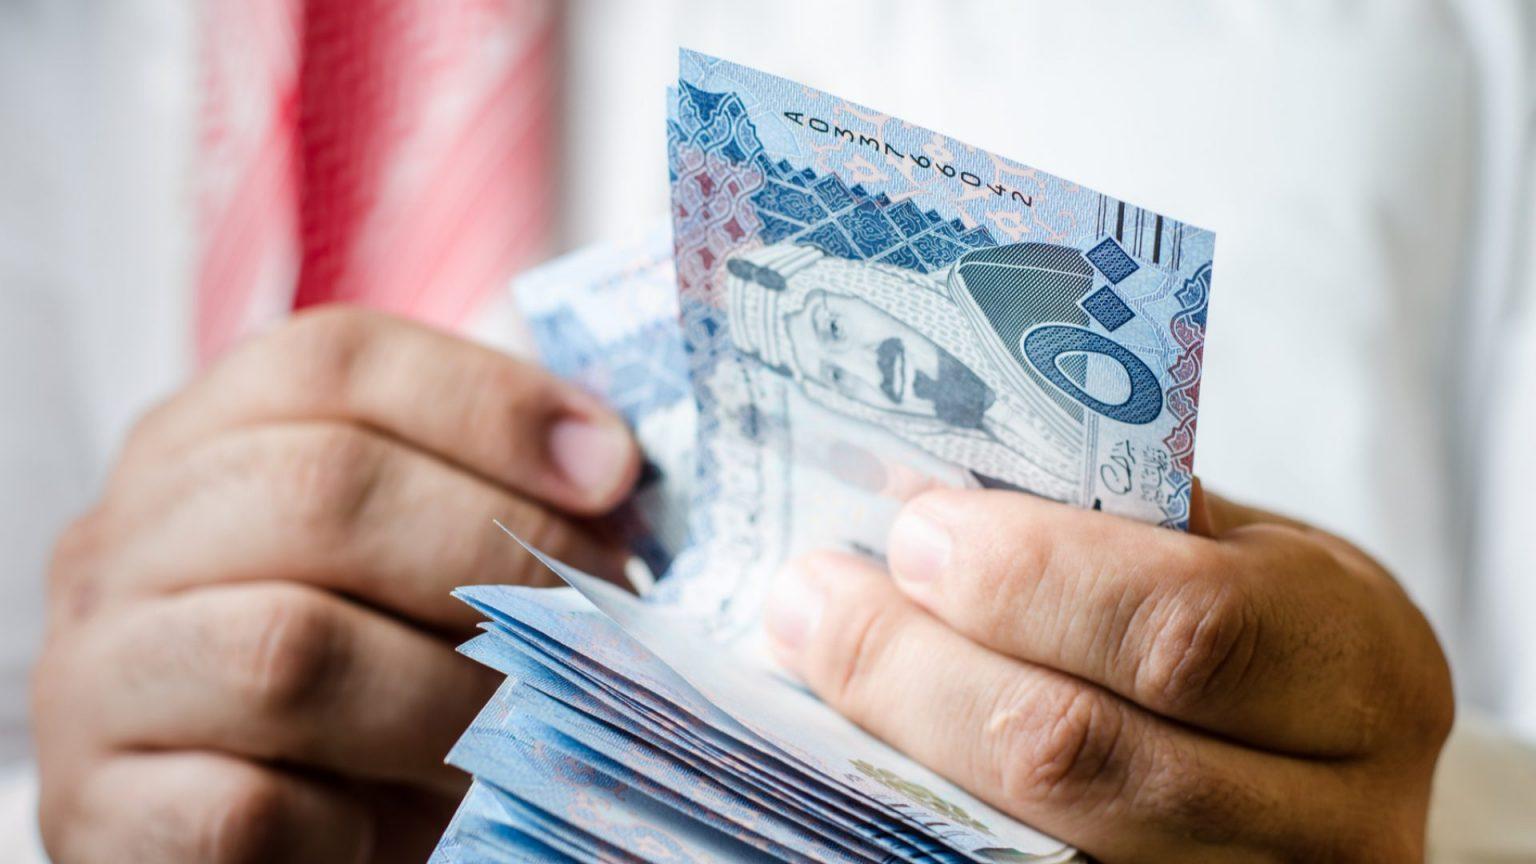 تسجيل دخول حساب المواطن 1442 وشروط الأهلية - زوم الخليج